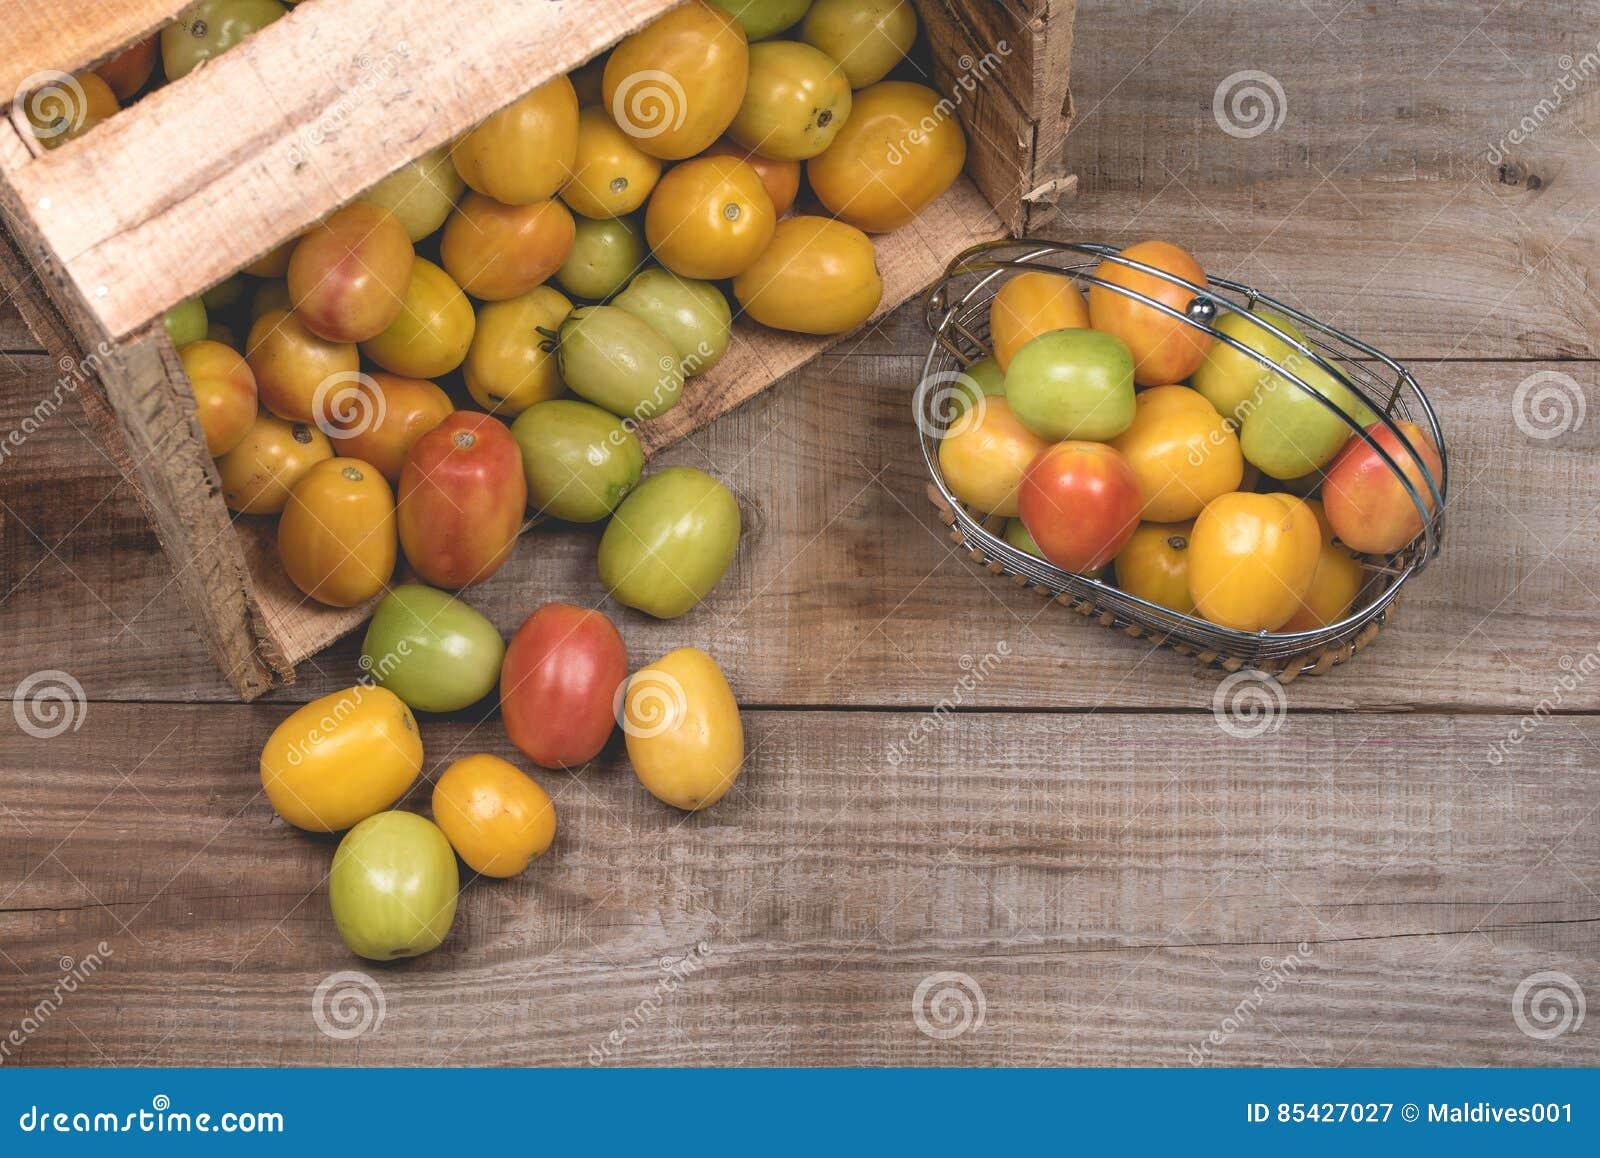 Ντομάτες σε ένα ξύλινο υπόβαθρο